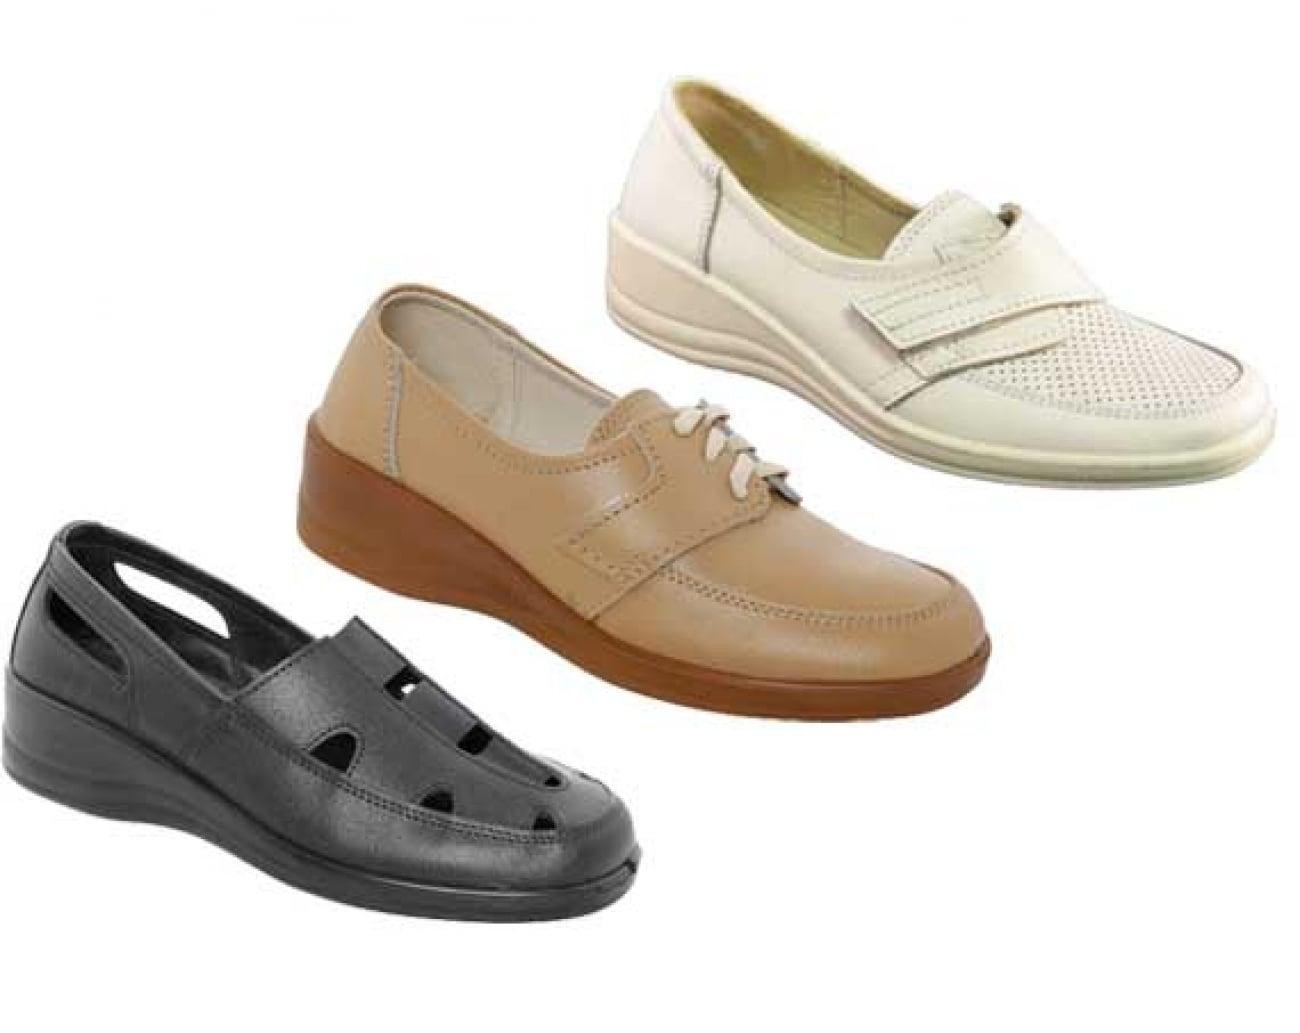 b4ee7a27d Женская обувь от производителя оптом – купить недорого в СПб ...